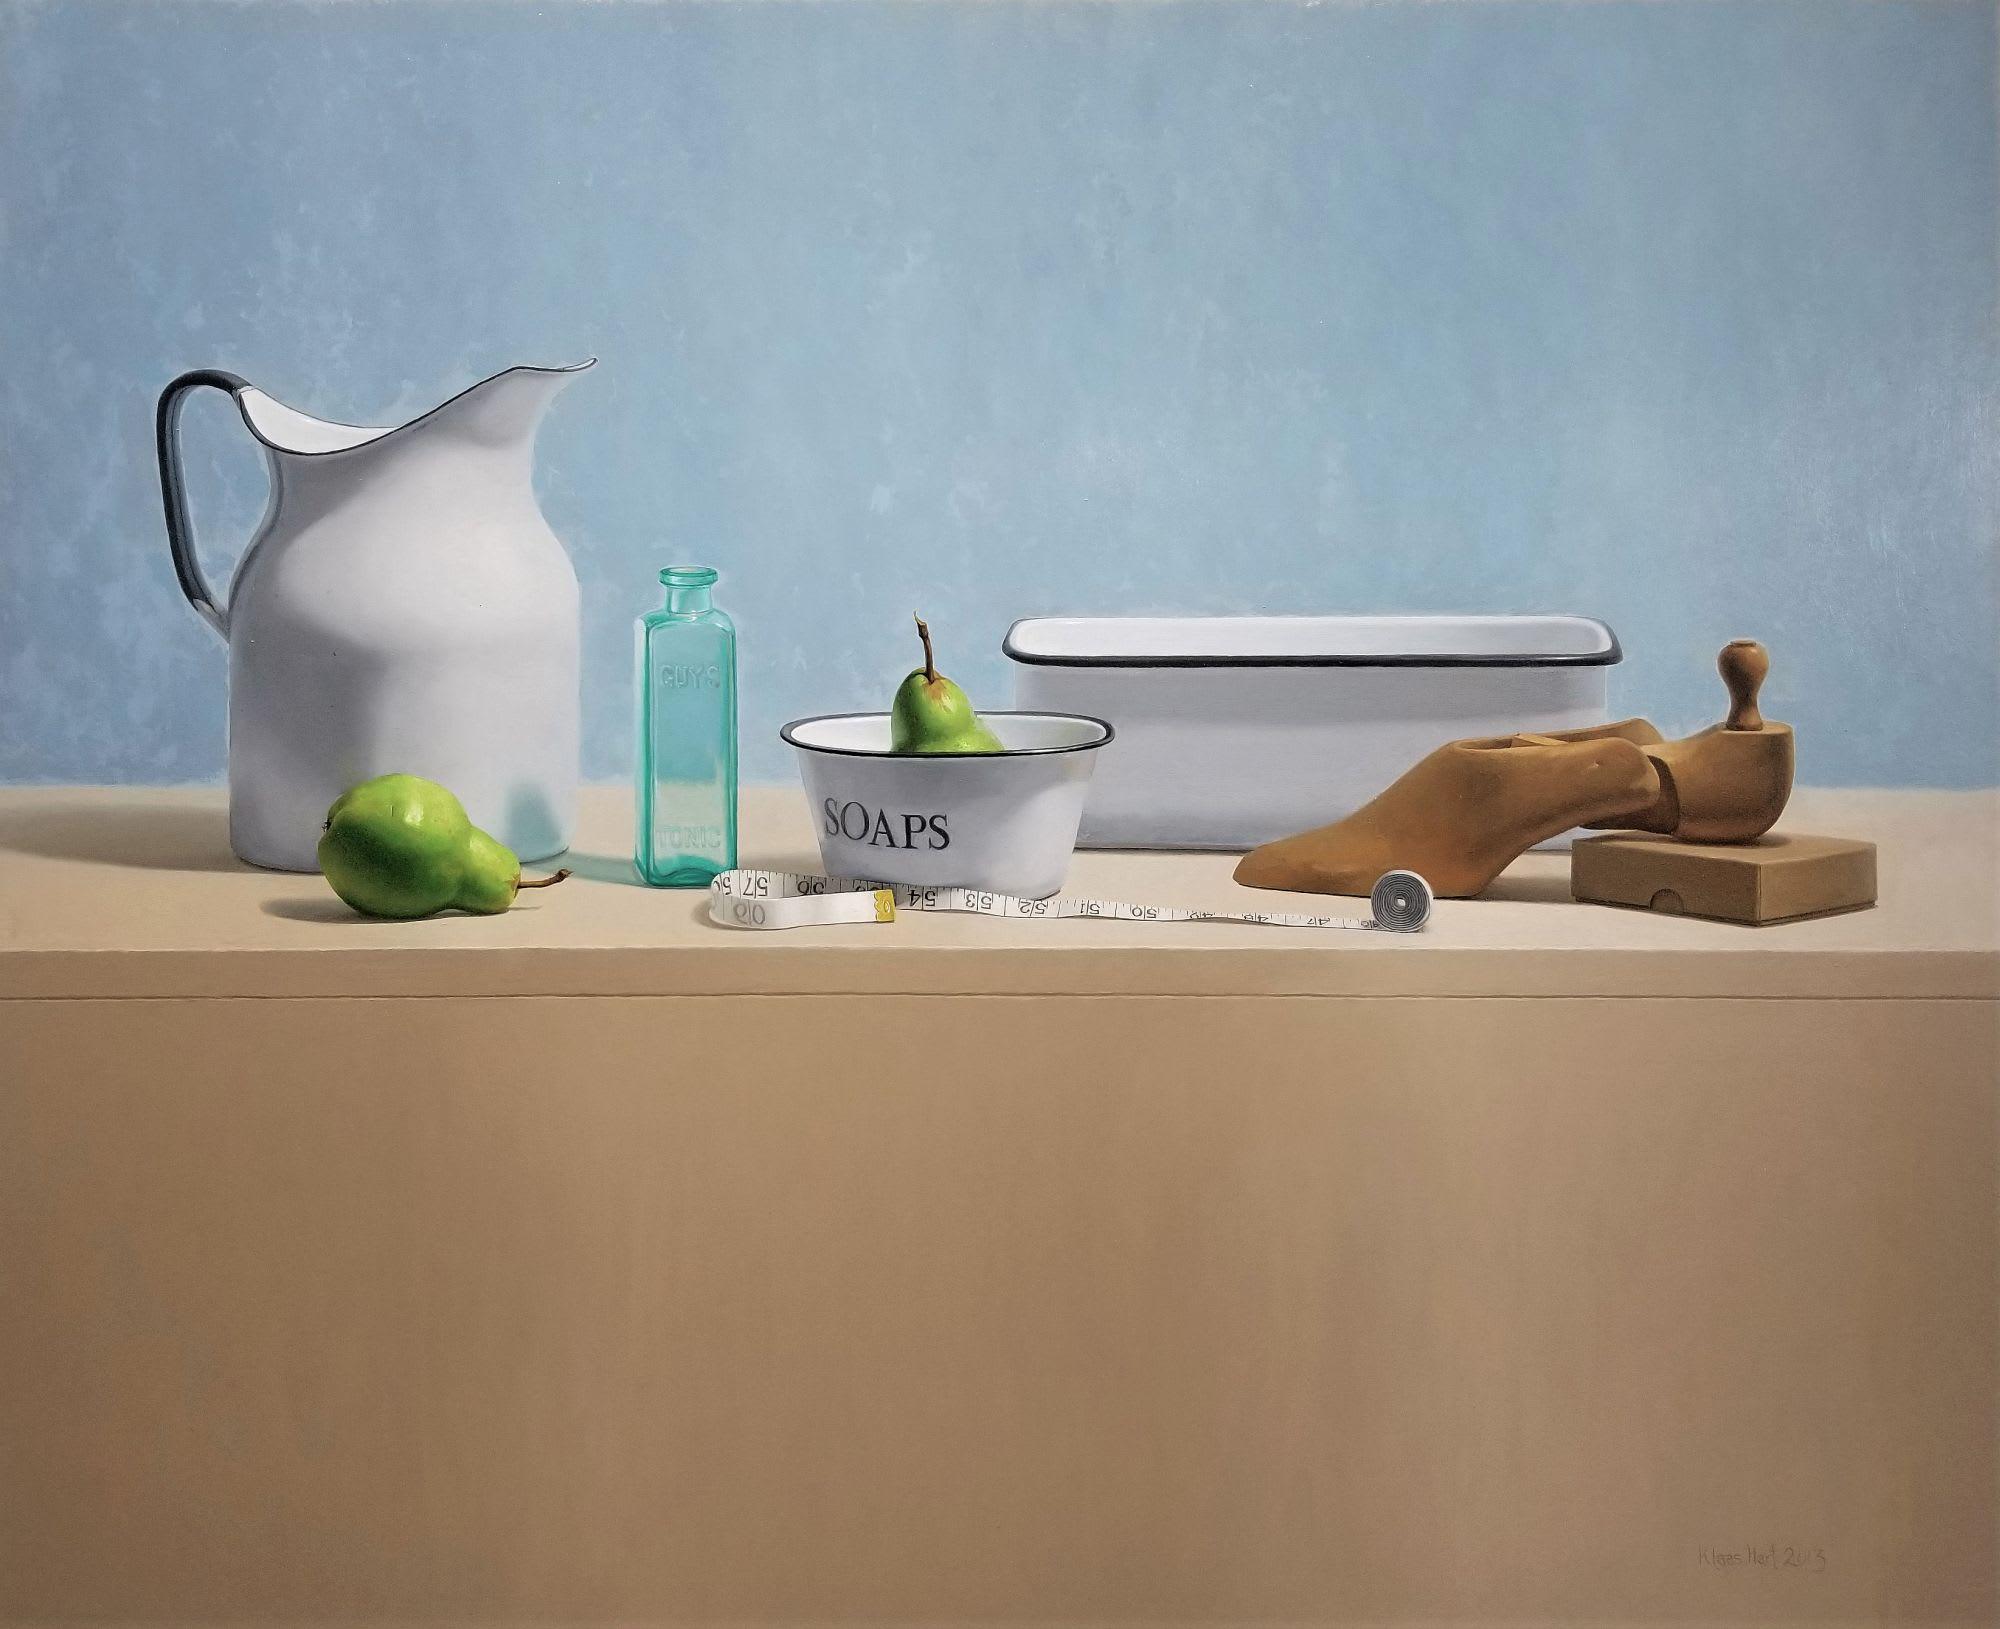 'Tape Measure' by Klaas Hart at Gallery 133